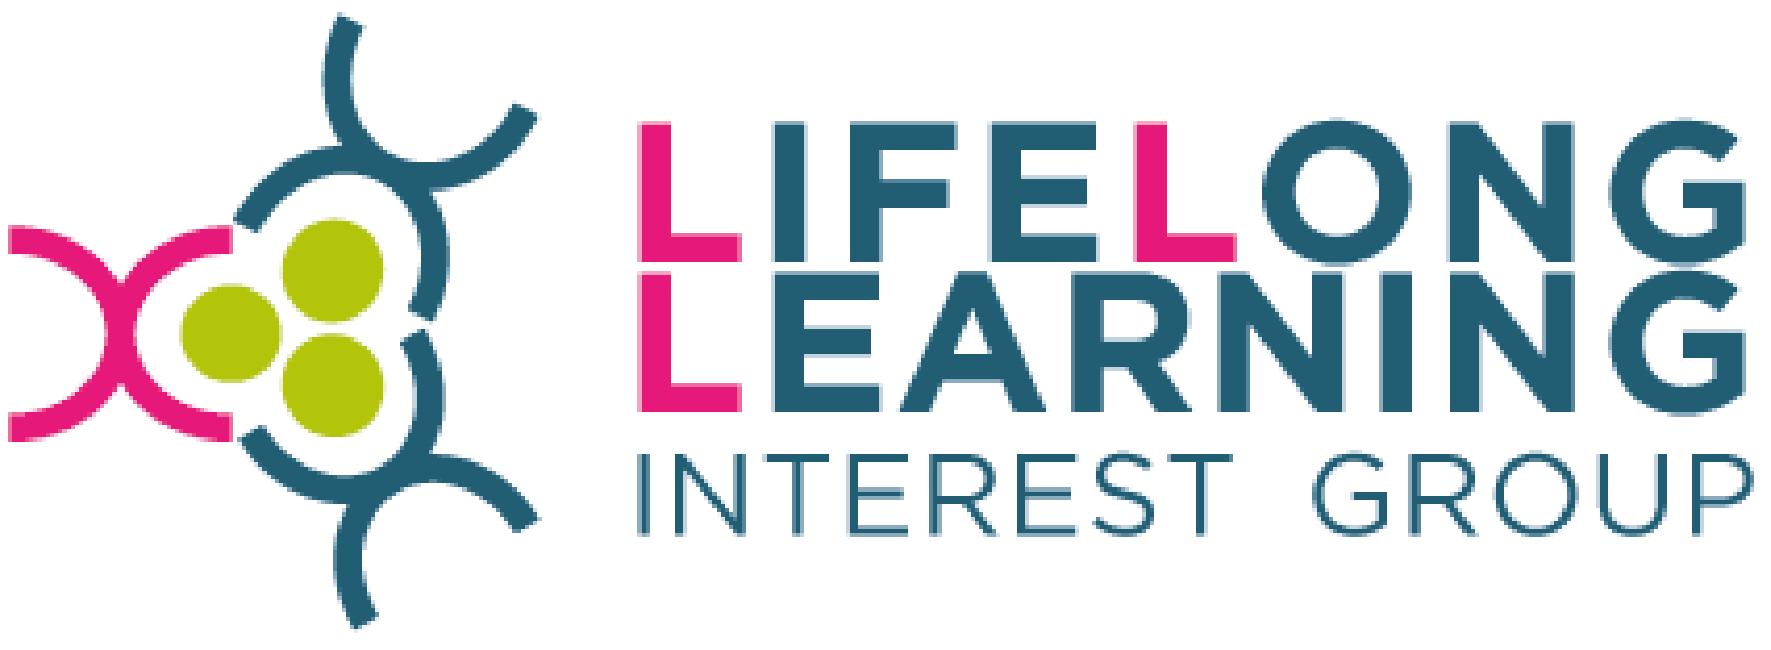 Interest group logo final